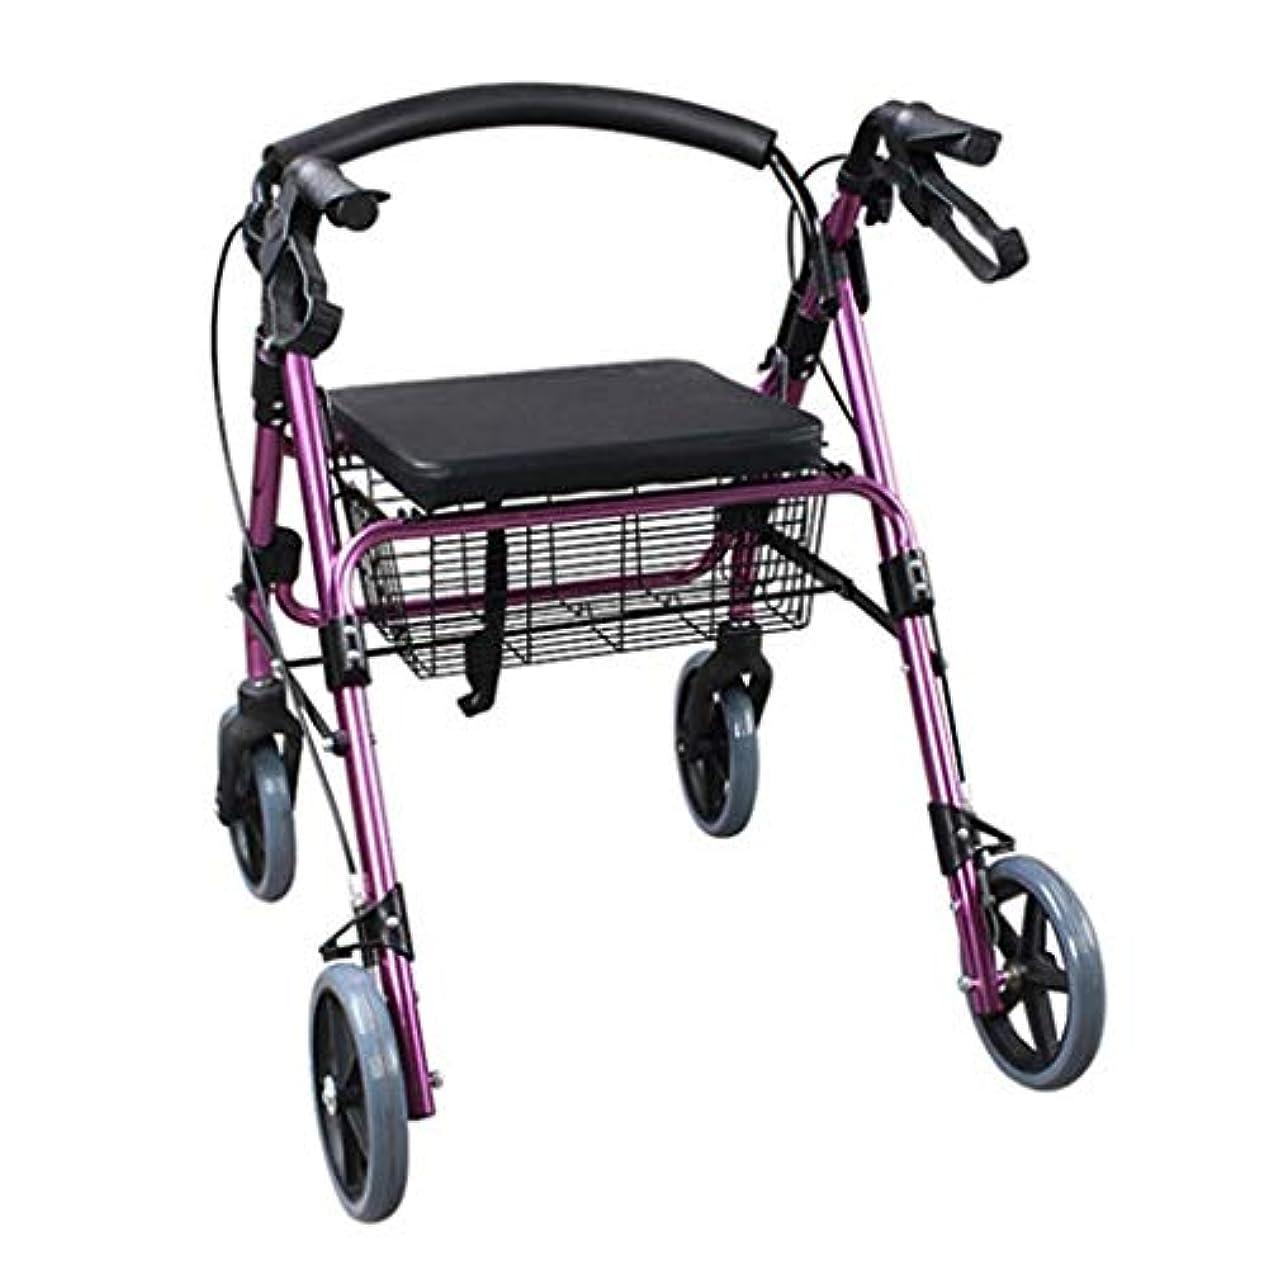 たるみパネル名前を作る折り畳み式の携帯用歩行器の補助歩行者の4つの車輪のショッピングカートのハンドブレーキが付いている頑丈な歩行者